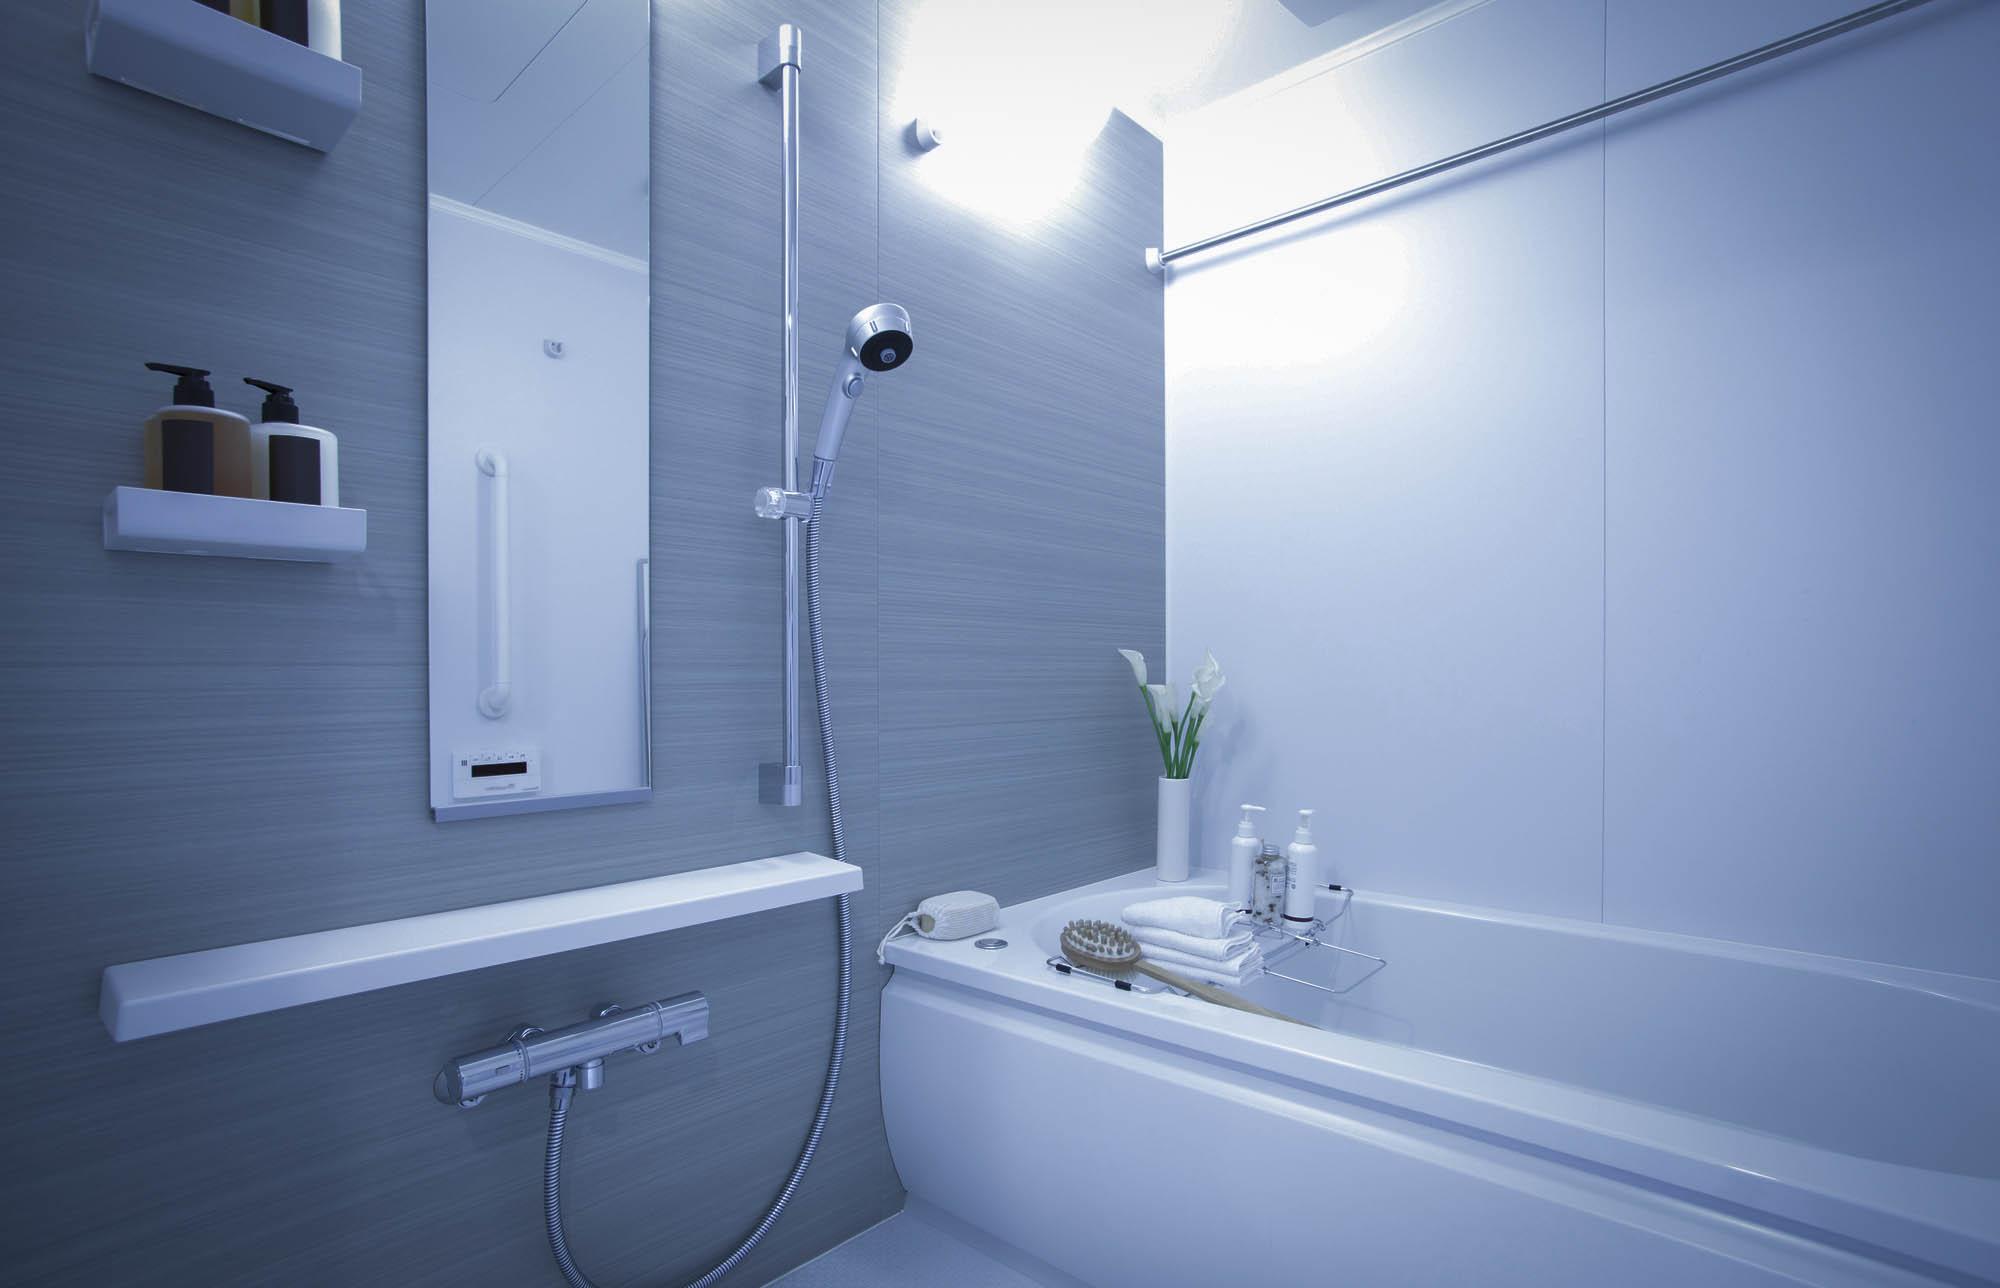 冬のお風呂や温泉はヒートショックにご注意!